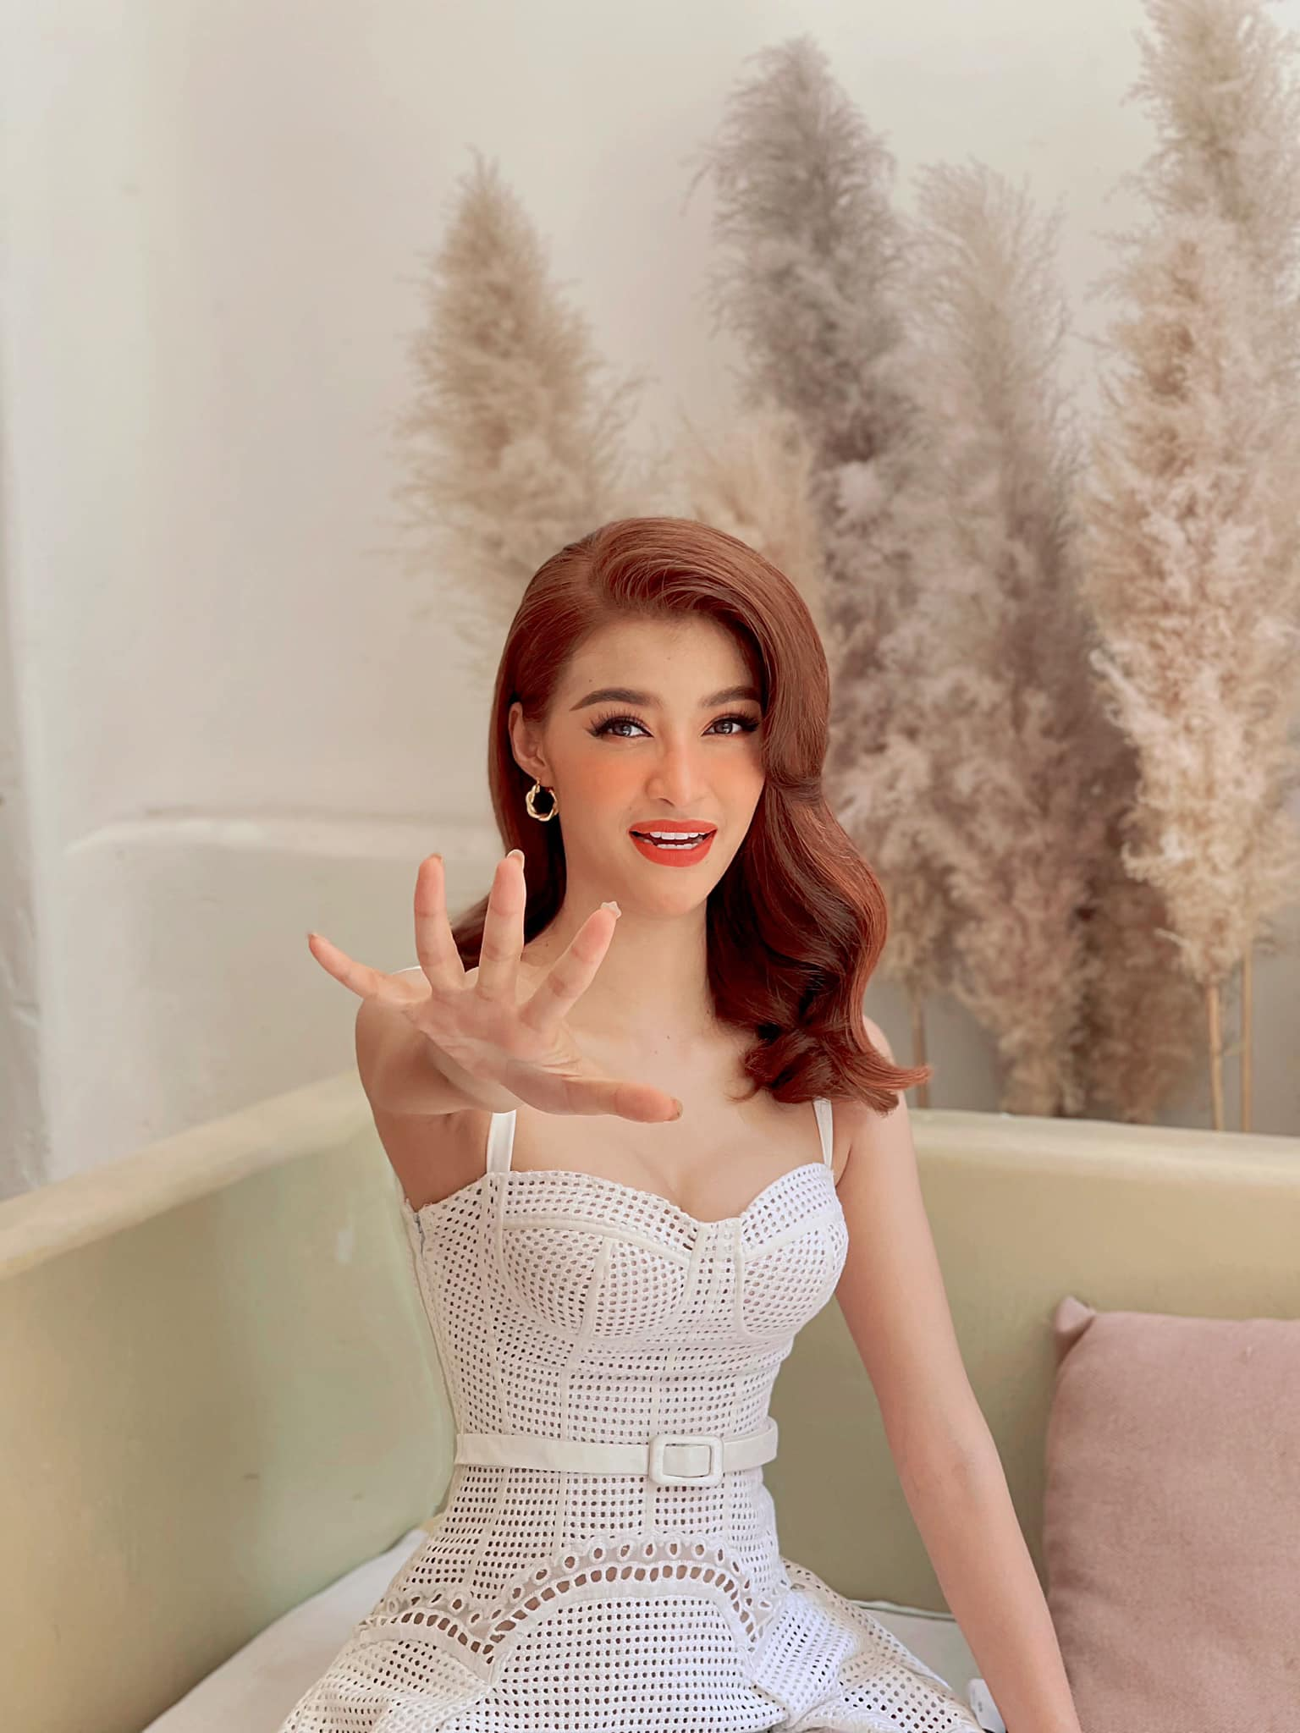 Á hậu Phương Anh đẹp tựa nàng thơ, Ngọc Thảo lên đồ sang chảnh uống cafe trong khu cách ly ảnh 9